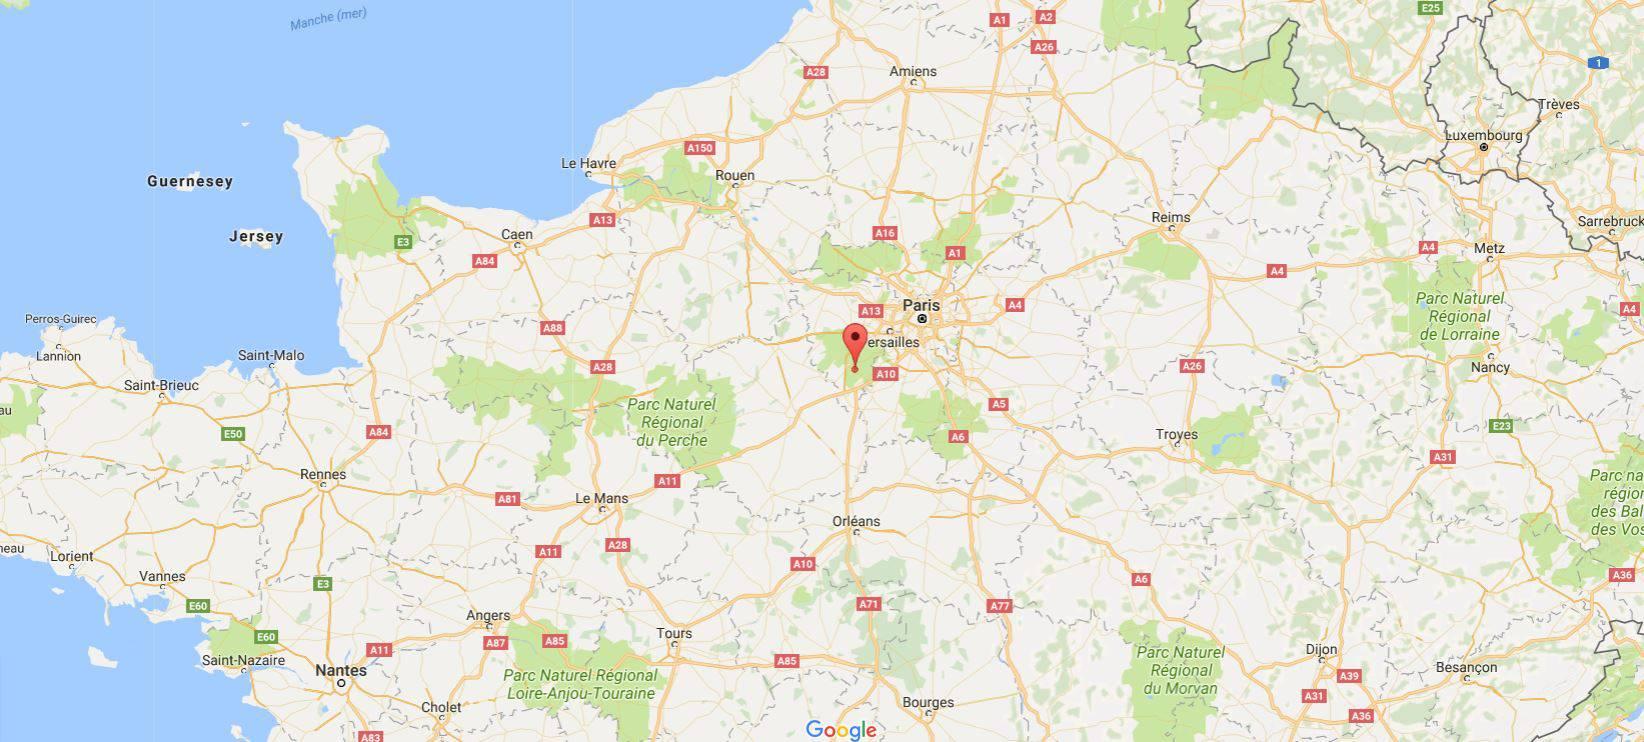 Forêt de Rambouillet sur une carte de France